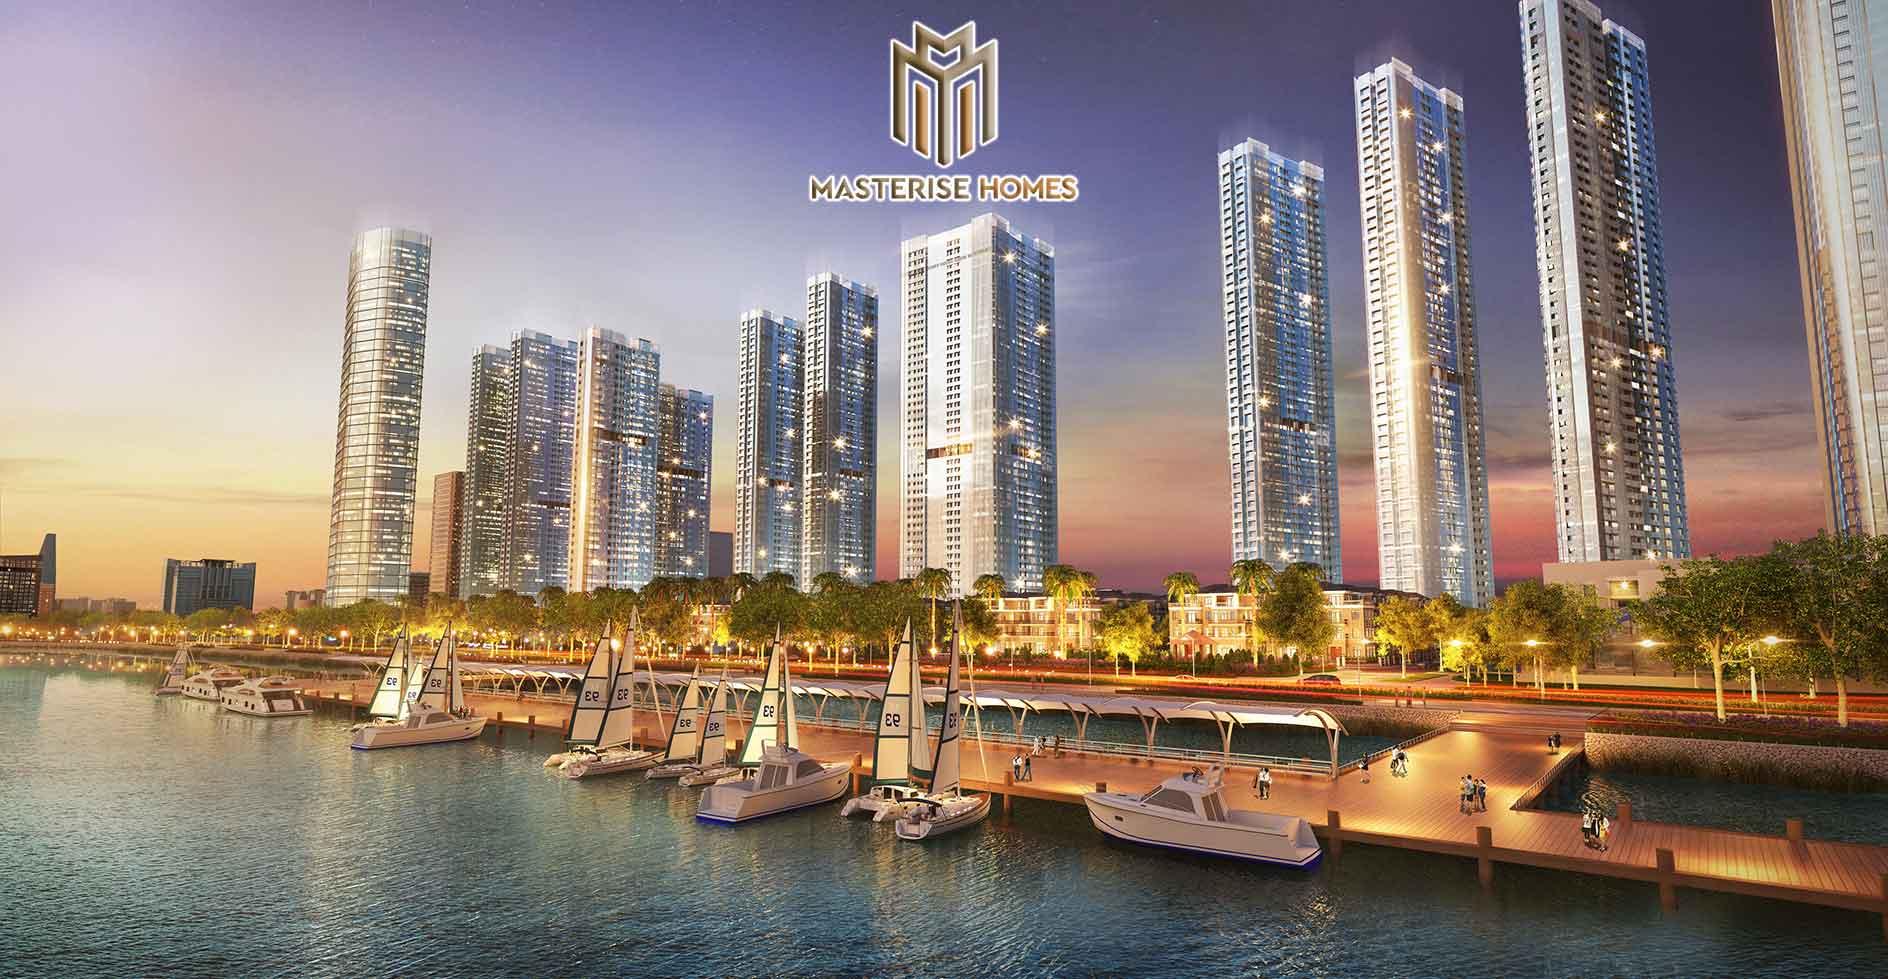 Tiện ích bến du thuyền dọc sông dự án căn hộ Grand Marina Saigon Quận 1